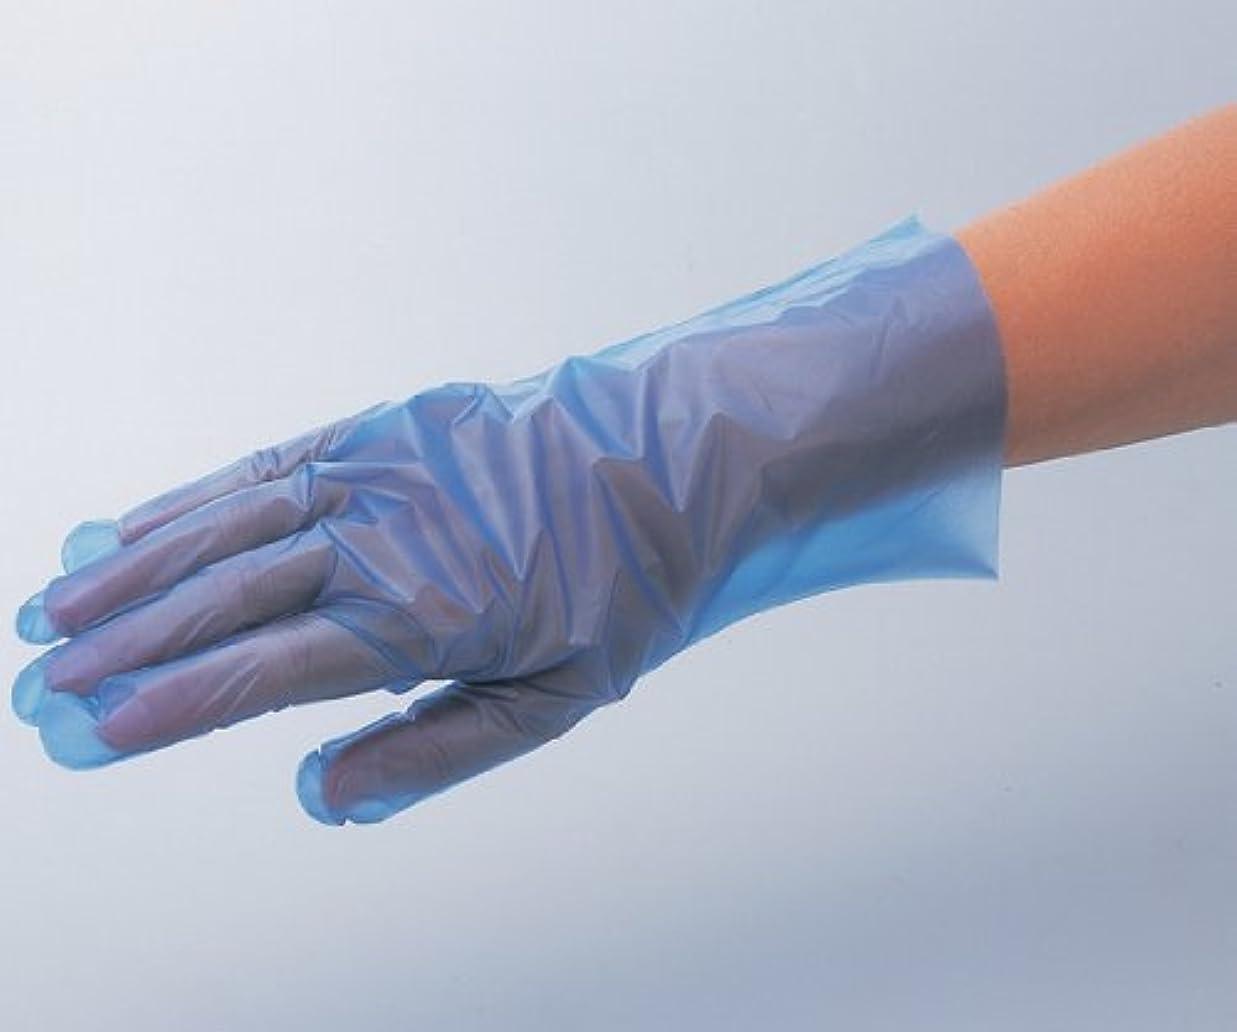 事実上救急車免除アズワン6-9730-54サニーノール手袋エコロジーケース販売6000枚入Lブルー